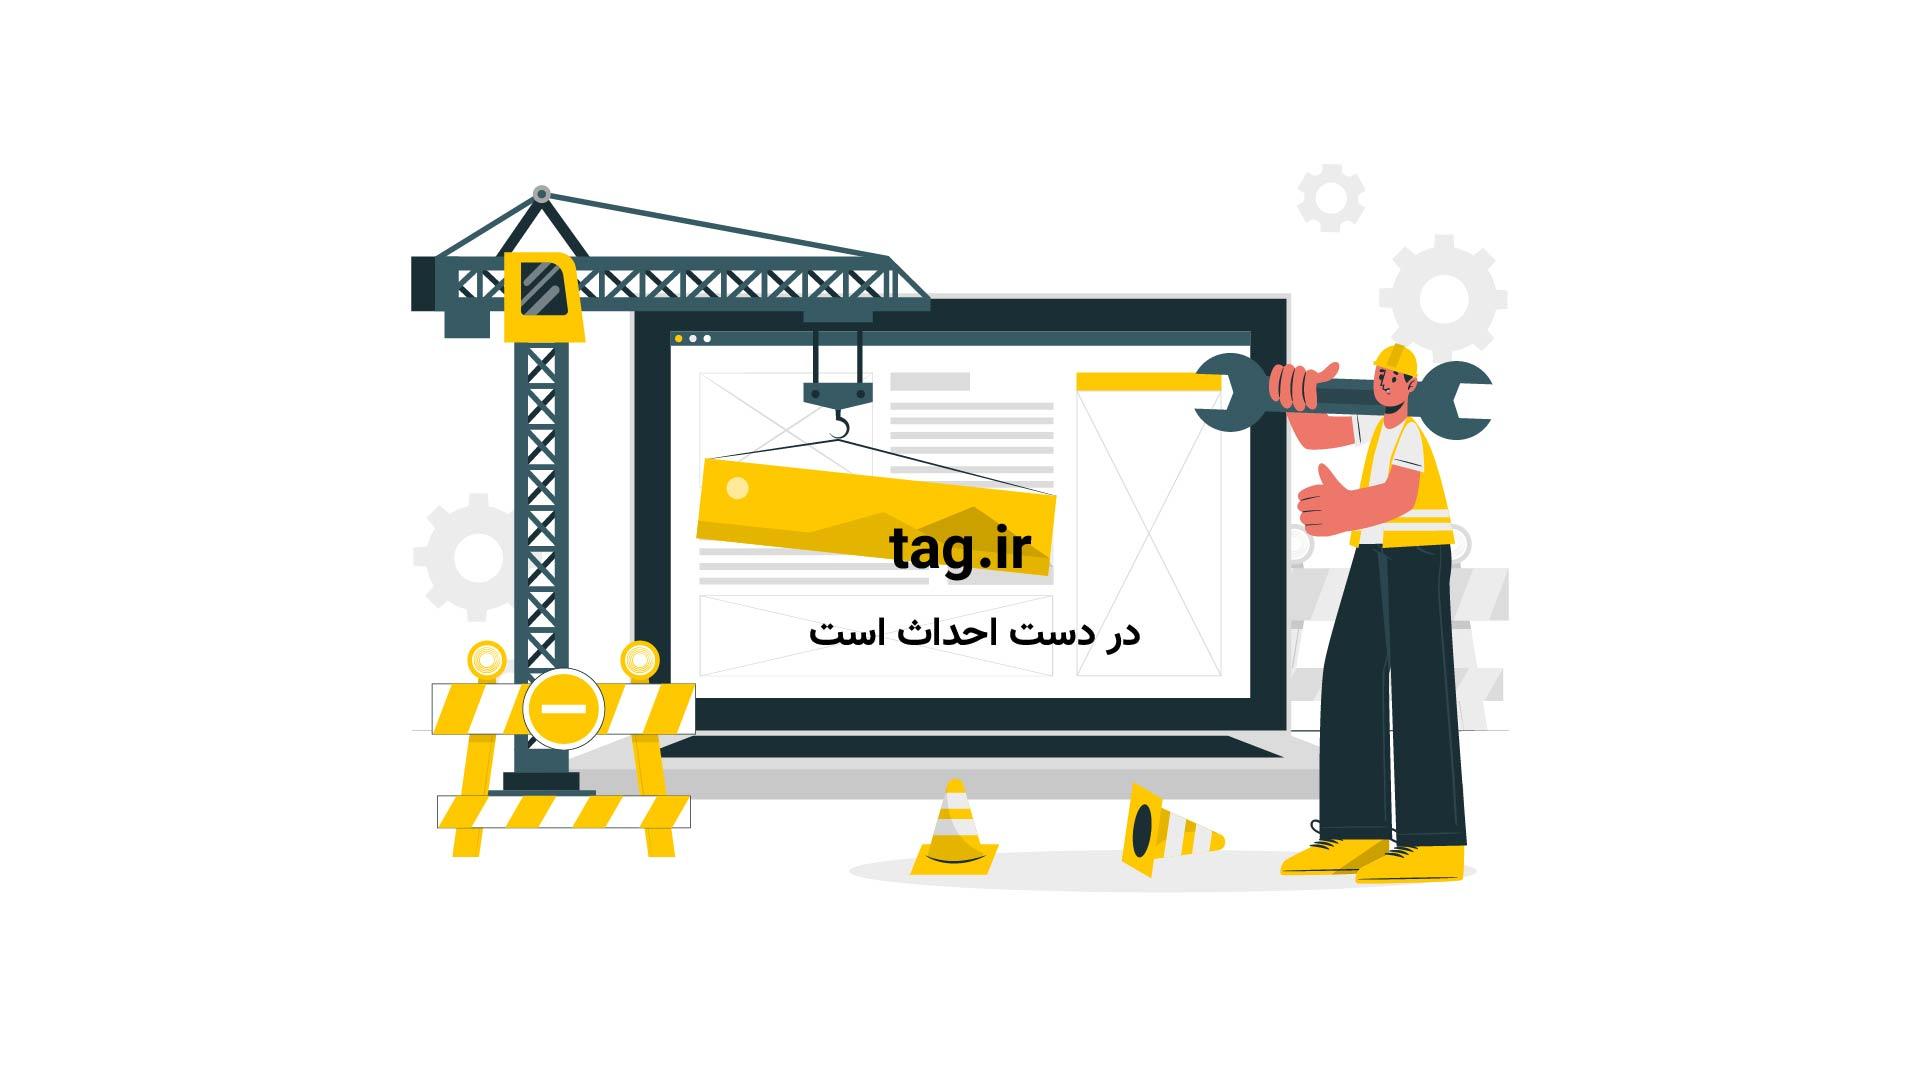 عمارت زیبا و دیدنی کوشک در استان تهران | فیلم